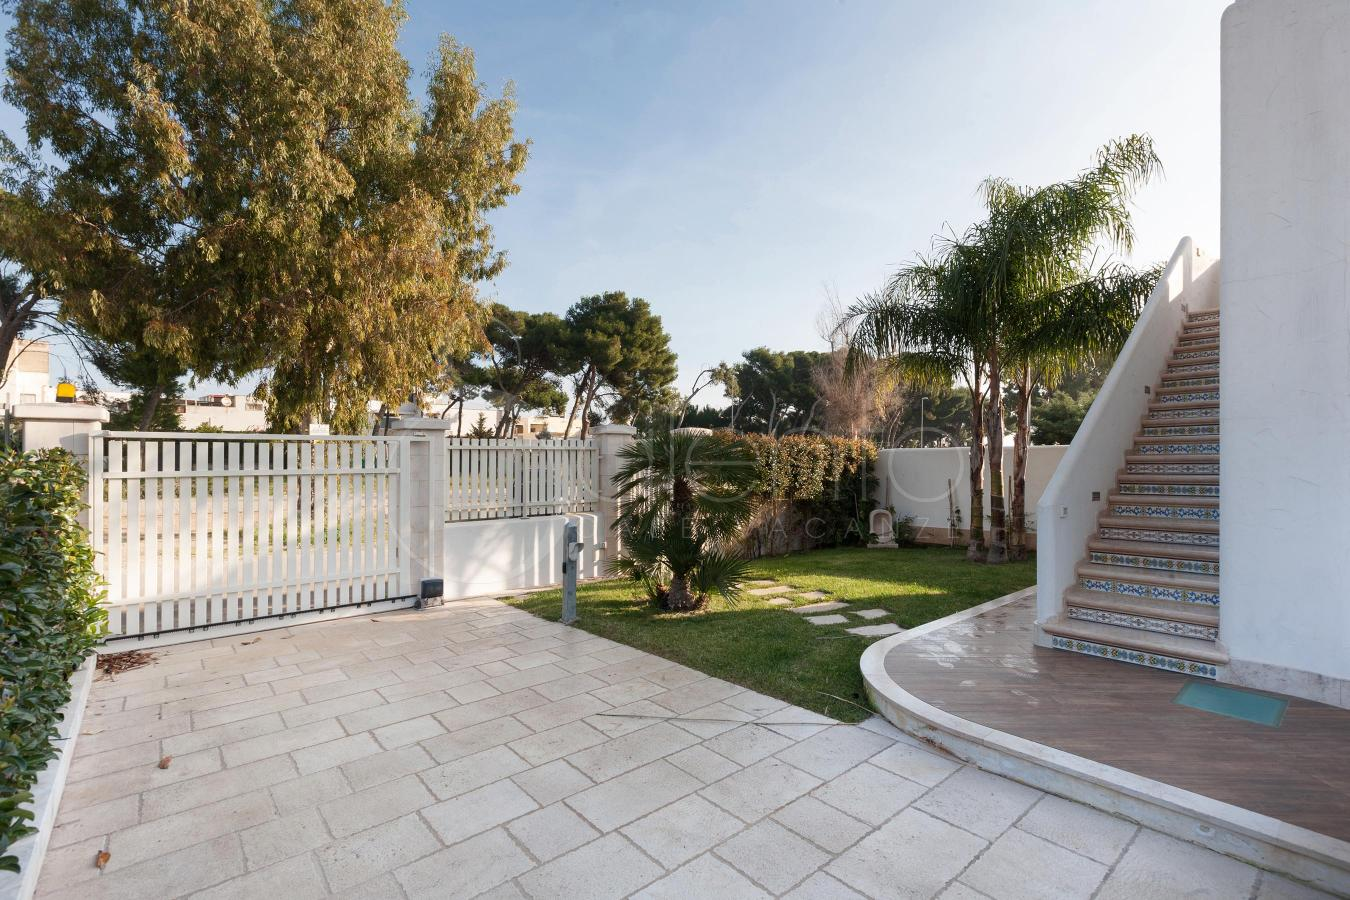 Casa vacanze con veranda e giardino vicino a torre guaceto for Casa ranch con veranda